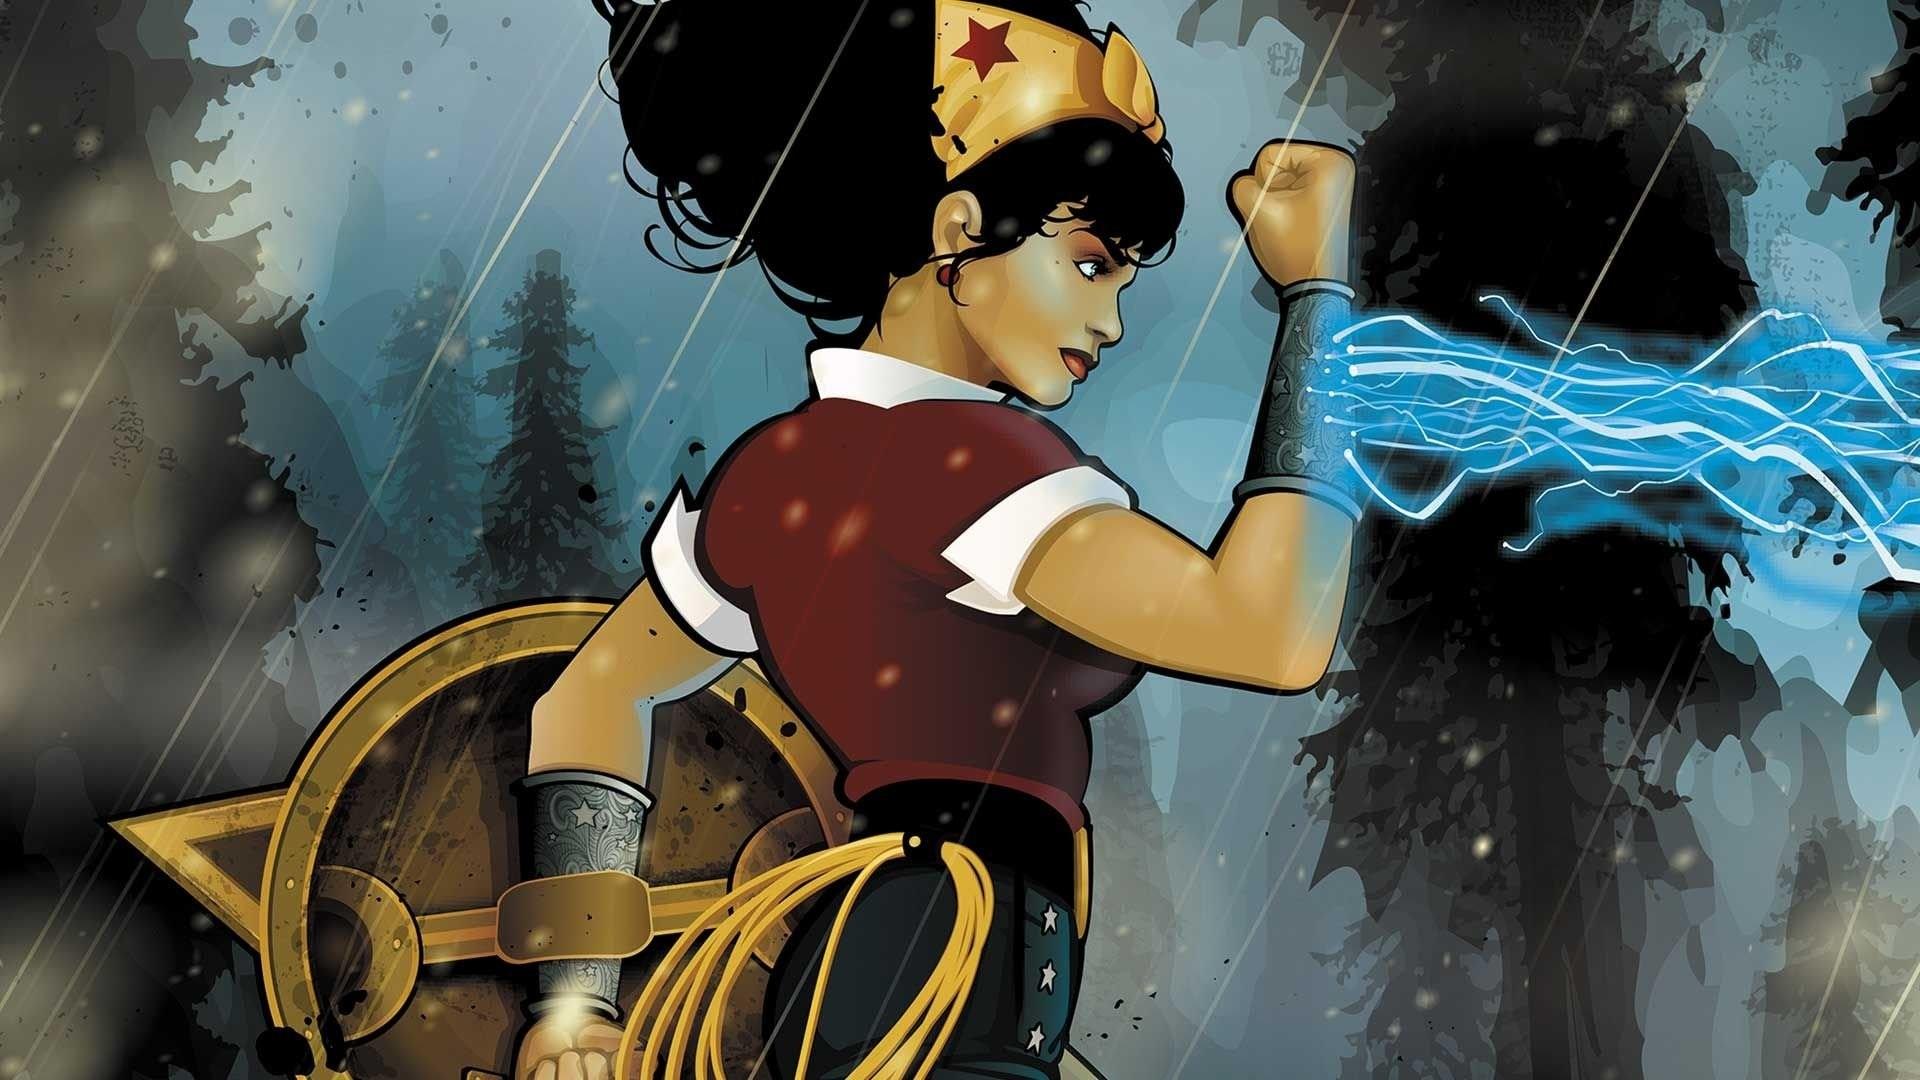 Res: 1920x1080, Comics - Bombshells Wonderwoman DC Bombshells Wallpaper